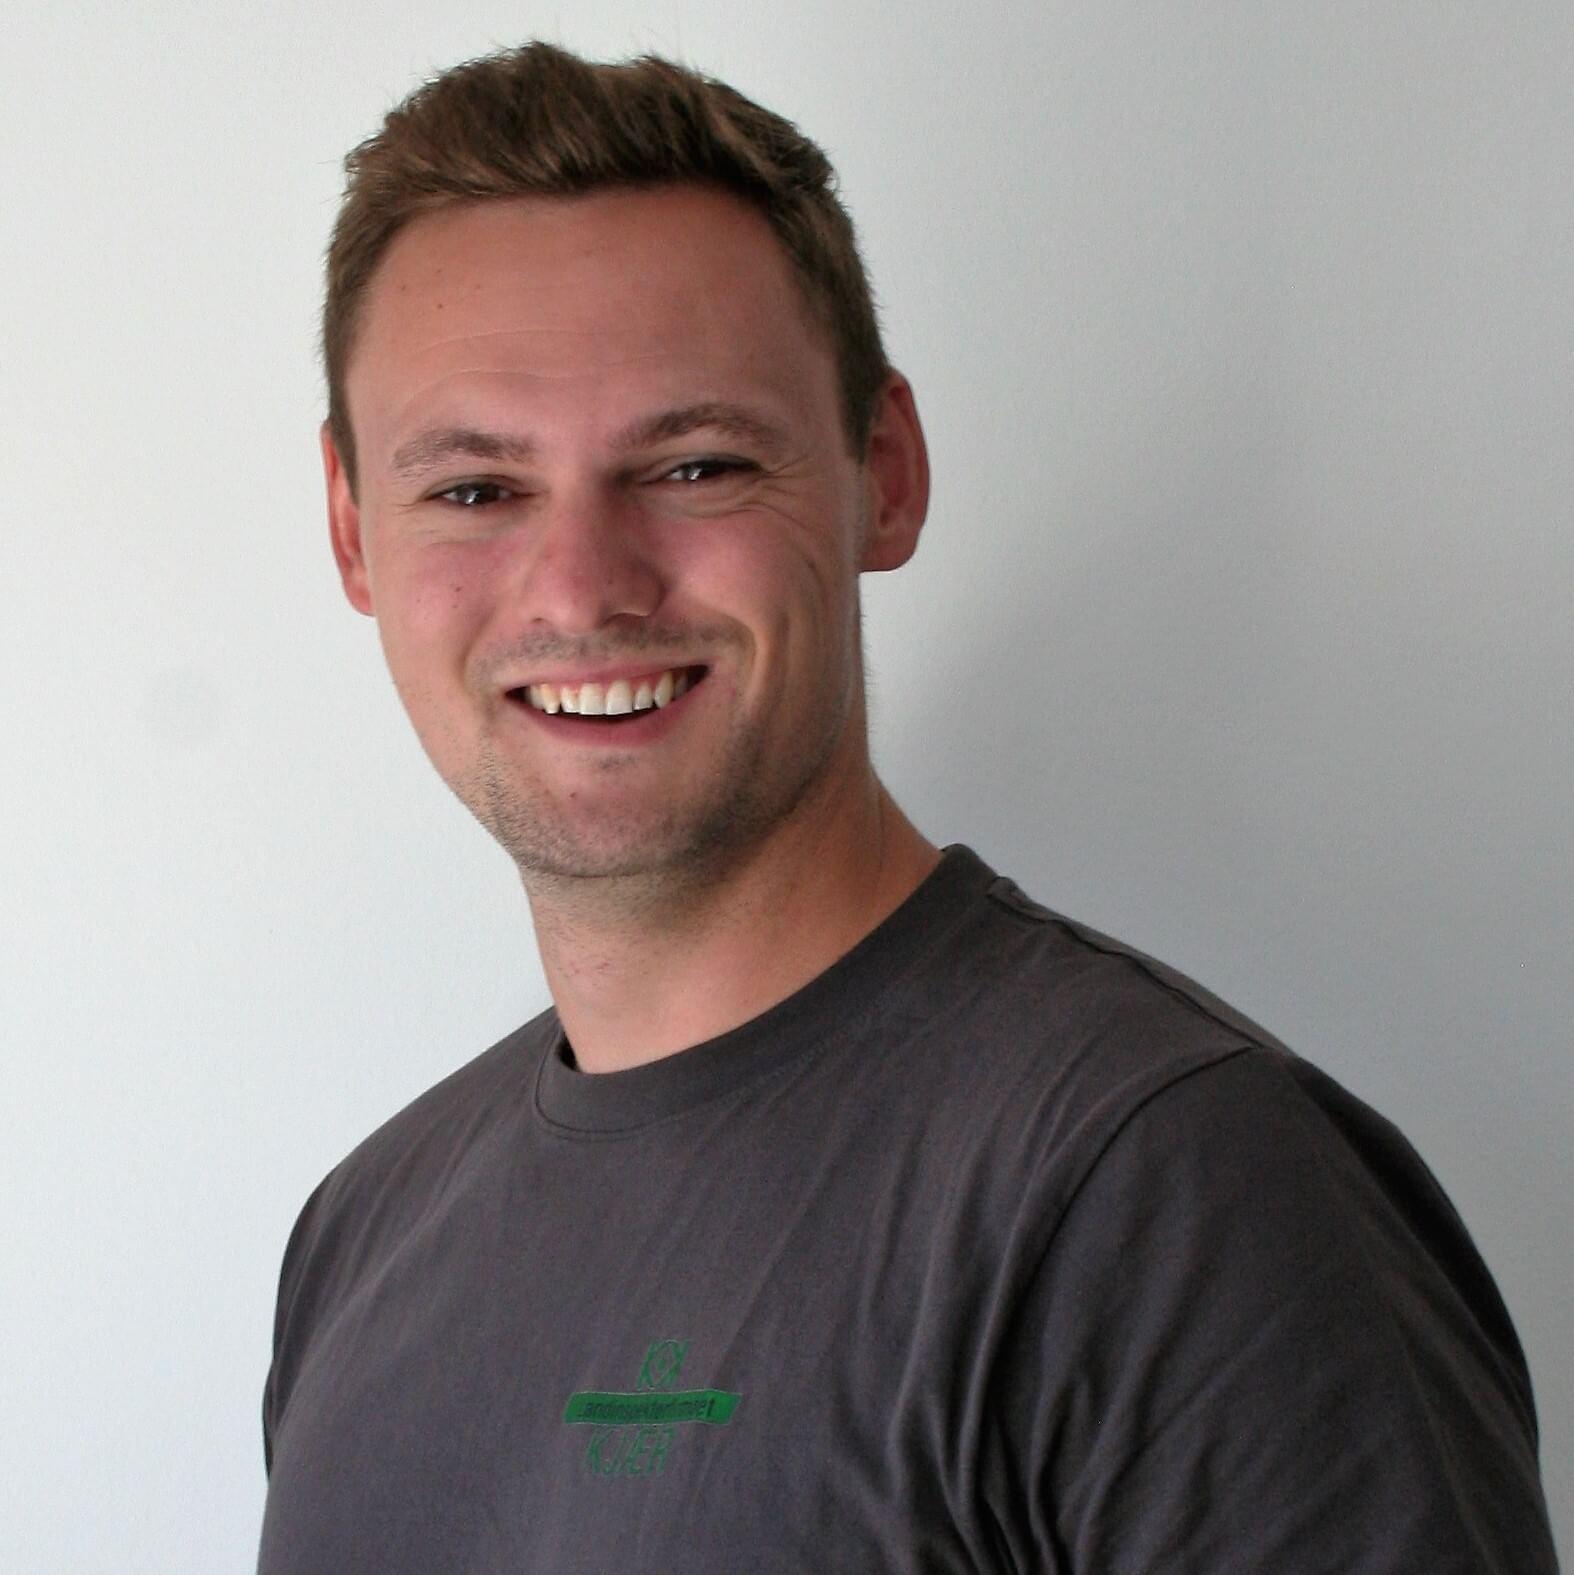 Jacob Vinge Helm-Petersen